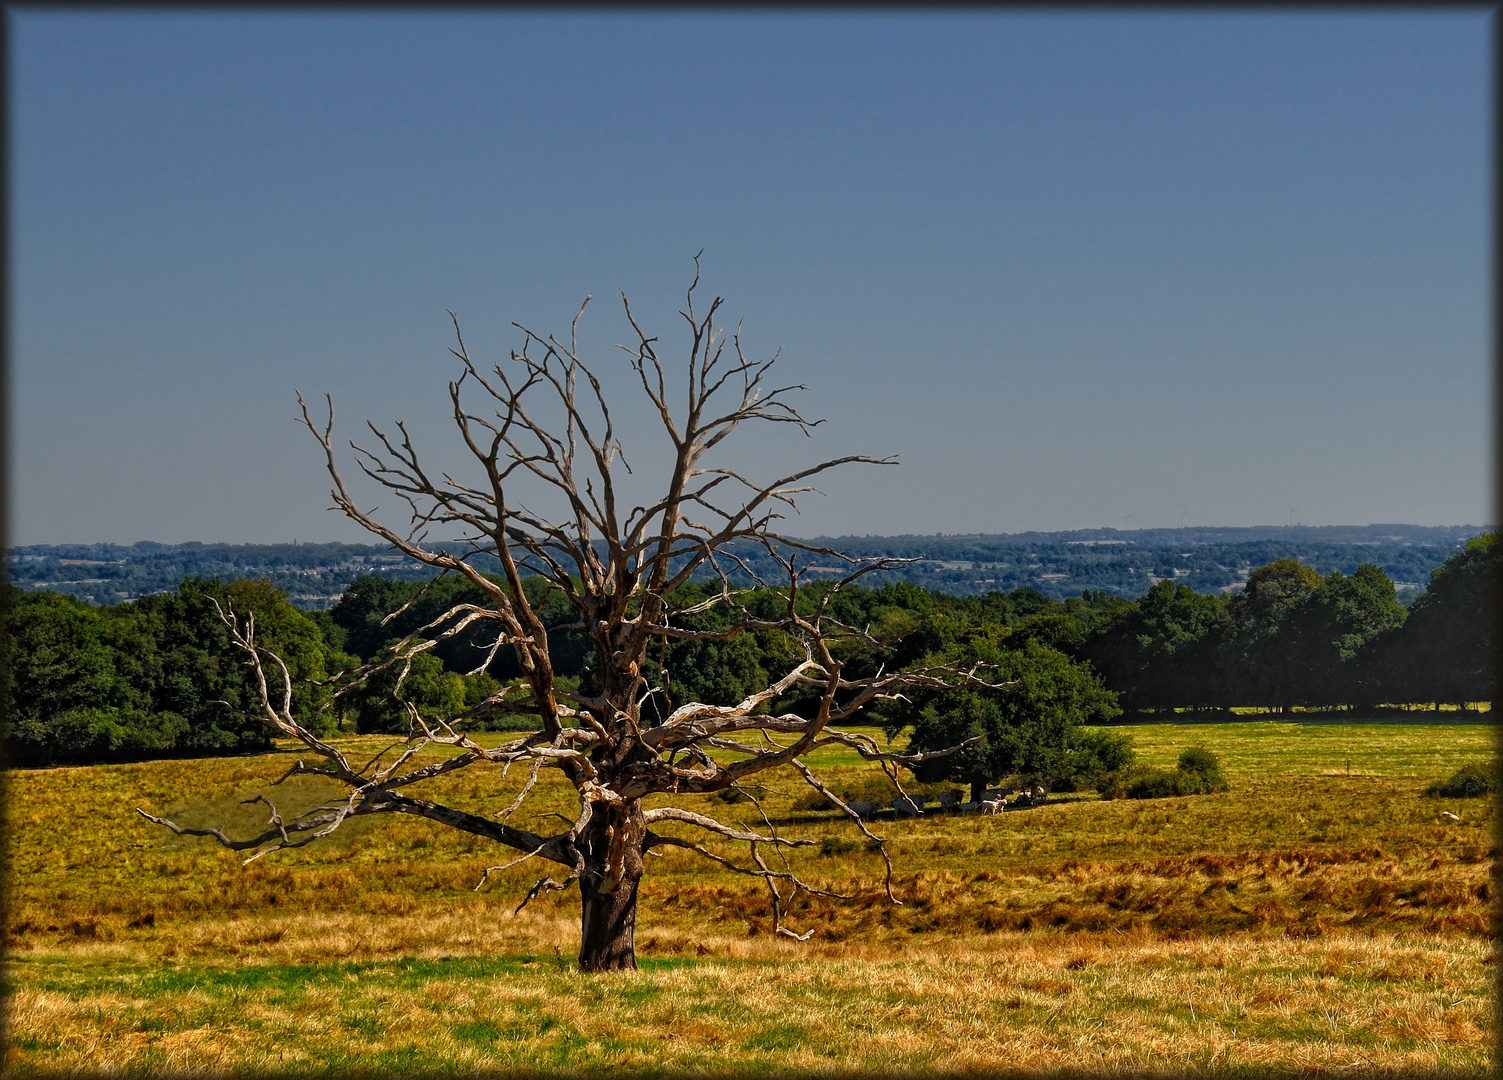 Poesie des toten Baumes - Poésie de l'arbre mort